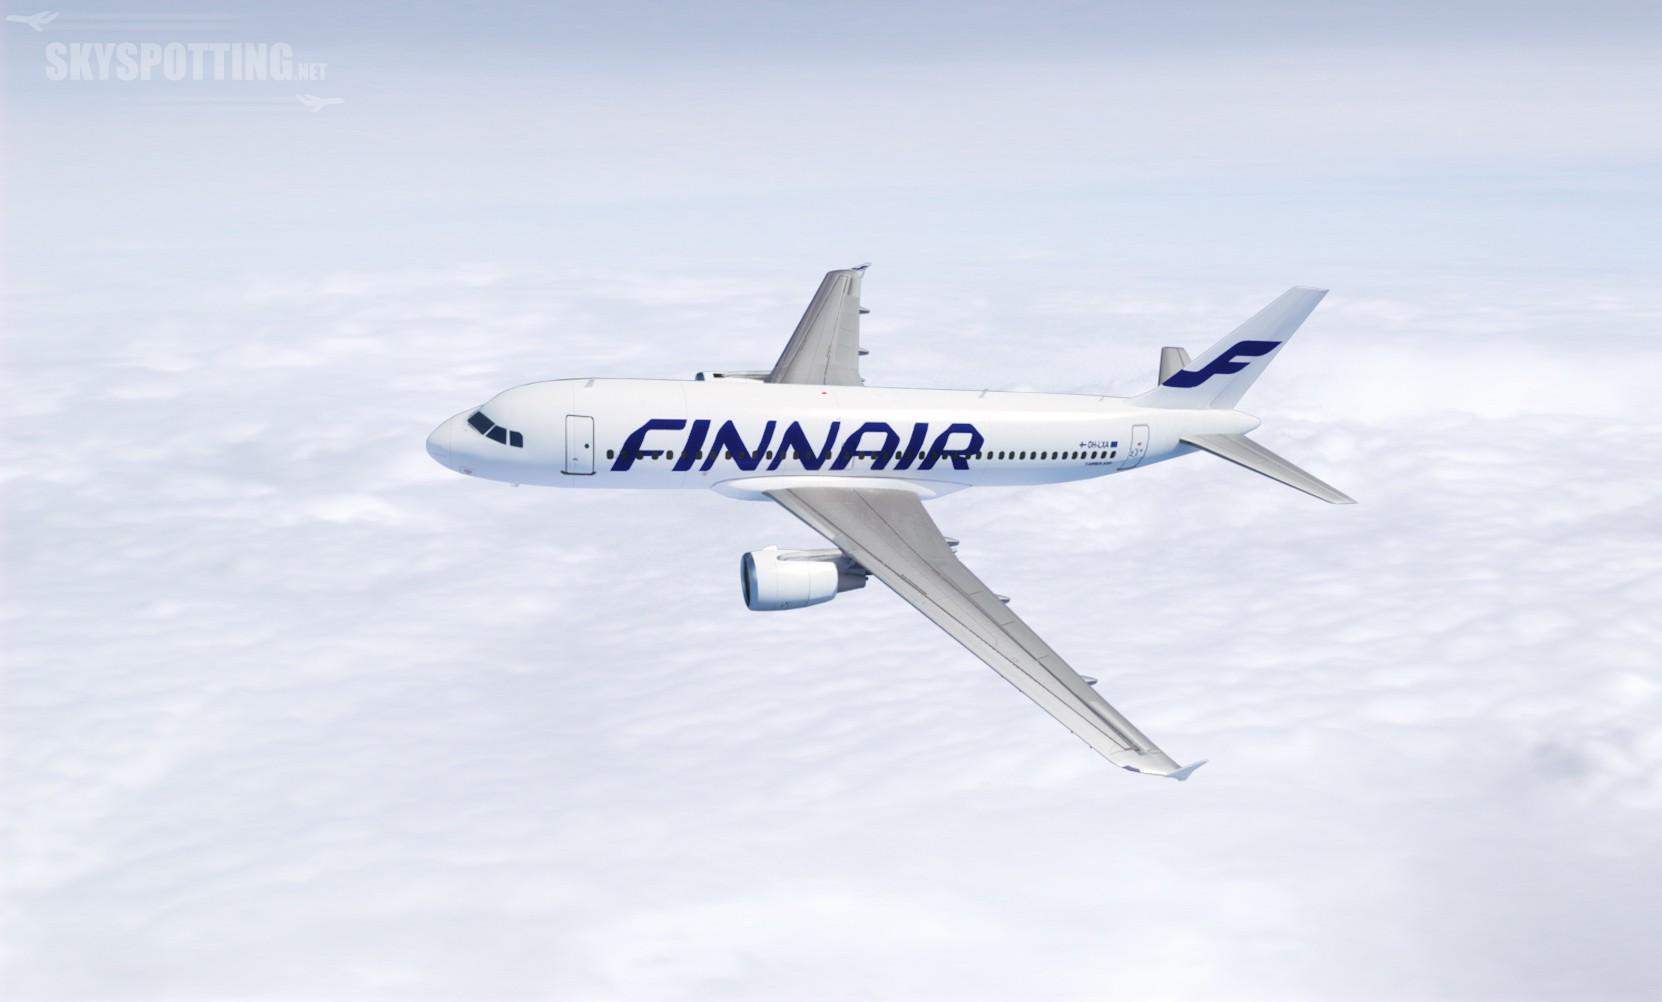 Finnair uruchamia codzienne połączenia do Gdańska i dodatkowe sezonowe połączenia do Krakowa